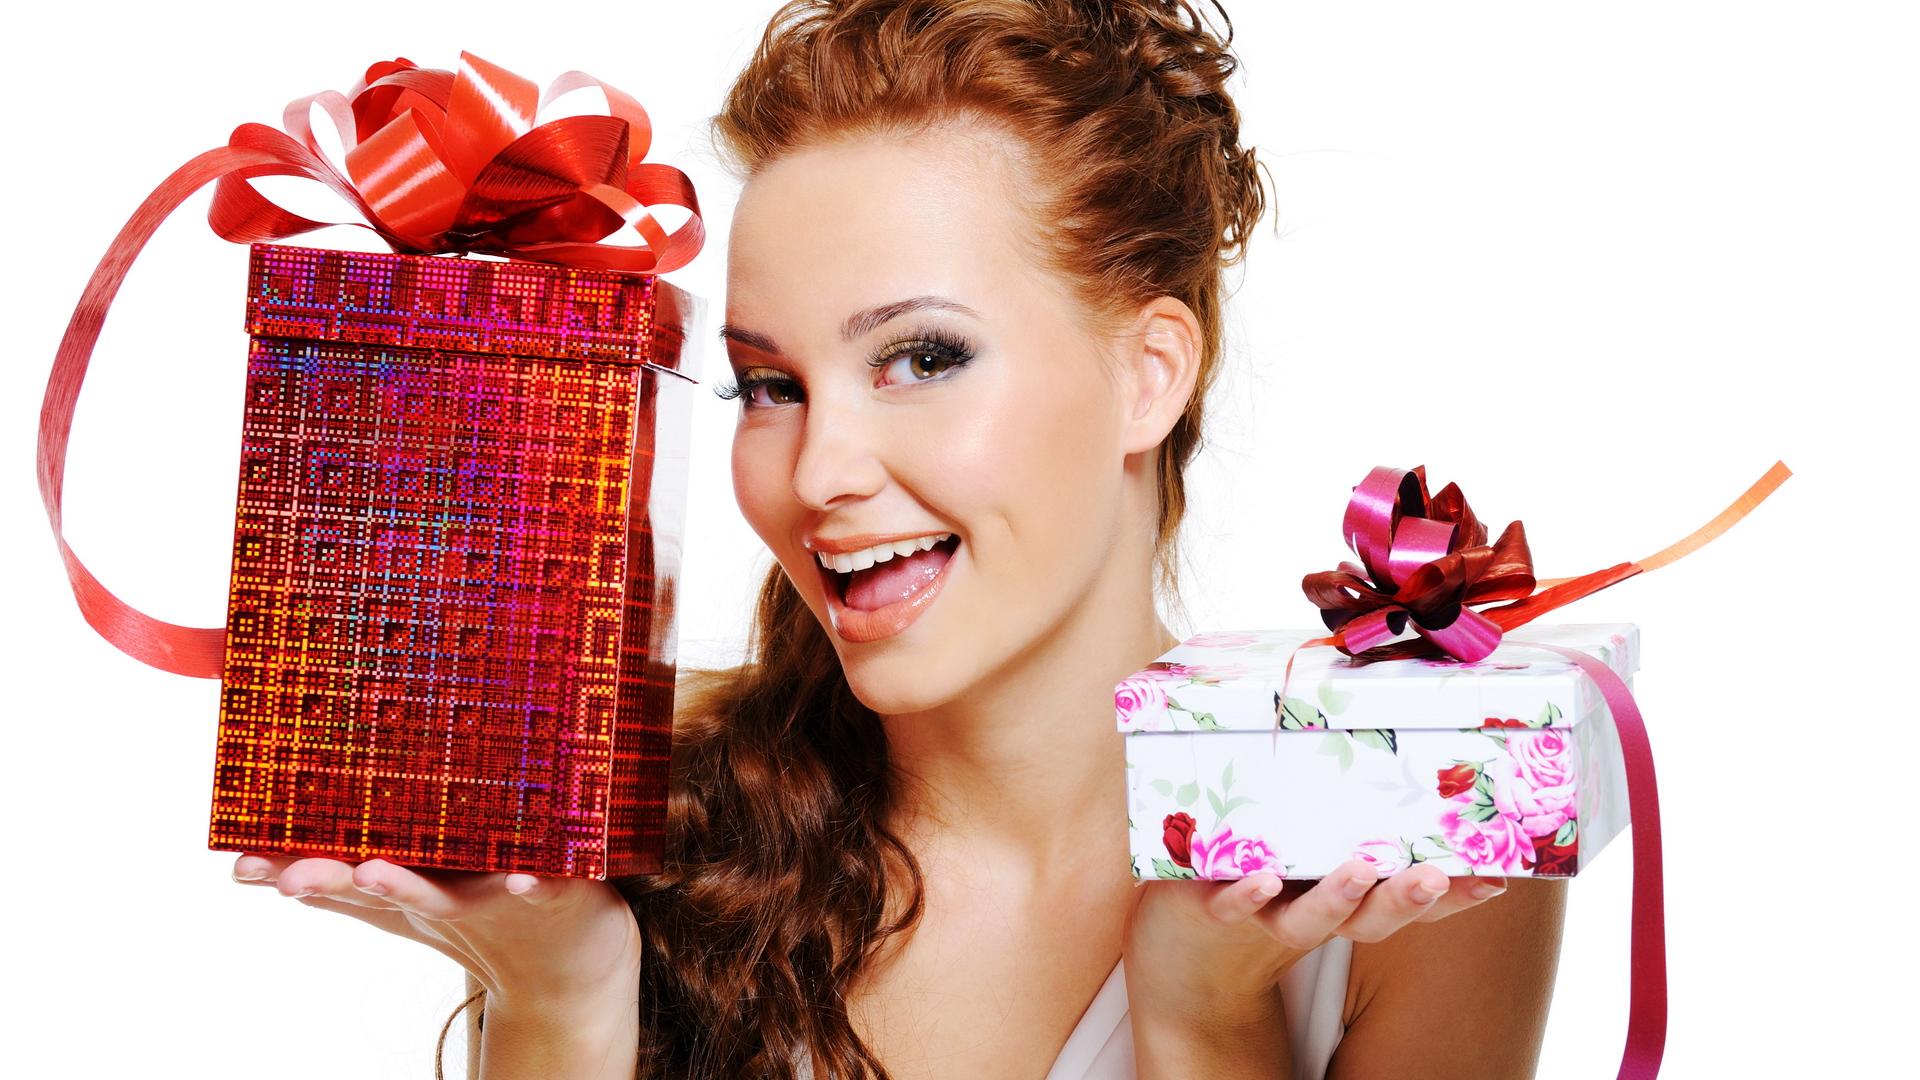 Как просить подарок у мужчины - Rakov 35